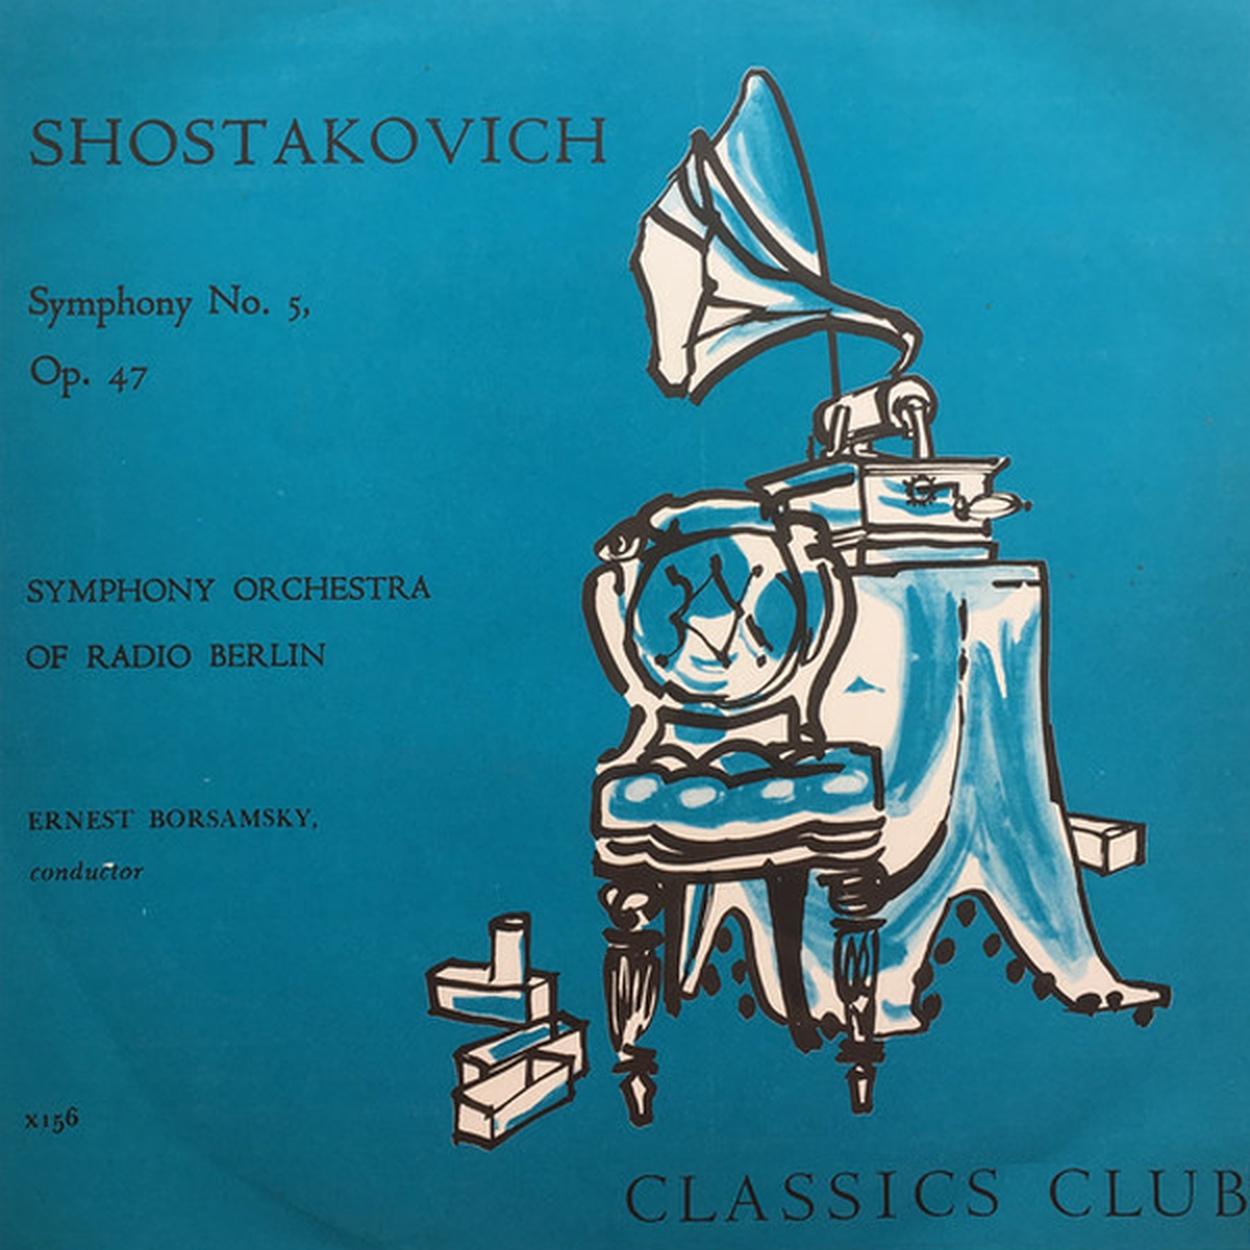 D.Schostakowitsch, Symphonie No 5, RSB, Ernest Borsamsky, Recto LP, cliquer pour une vue agrandie